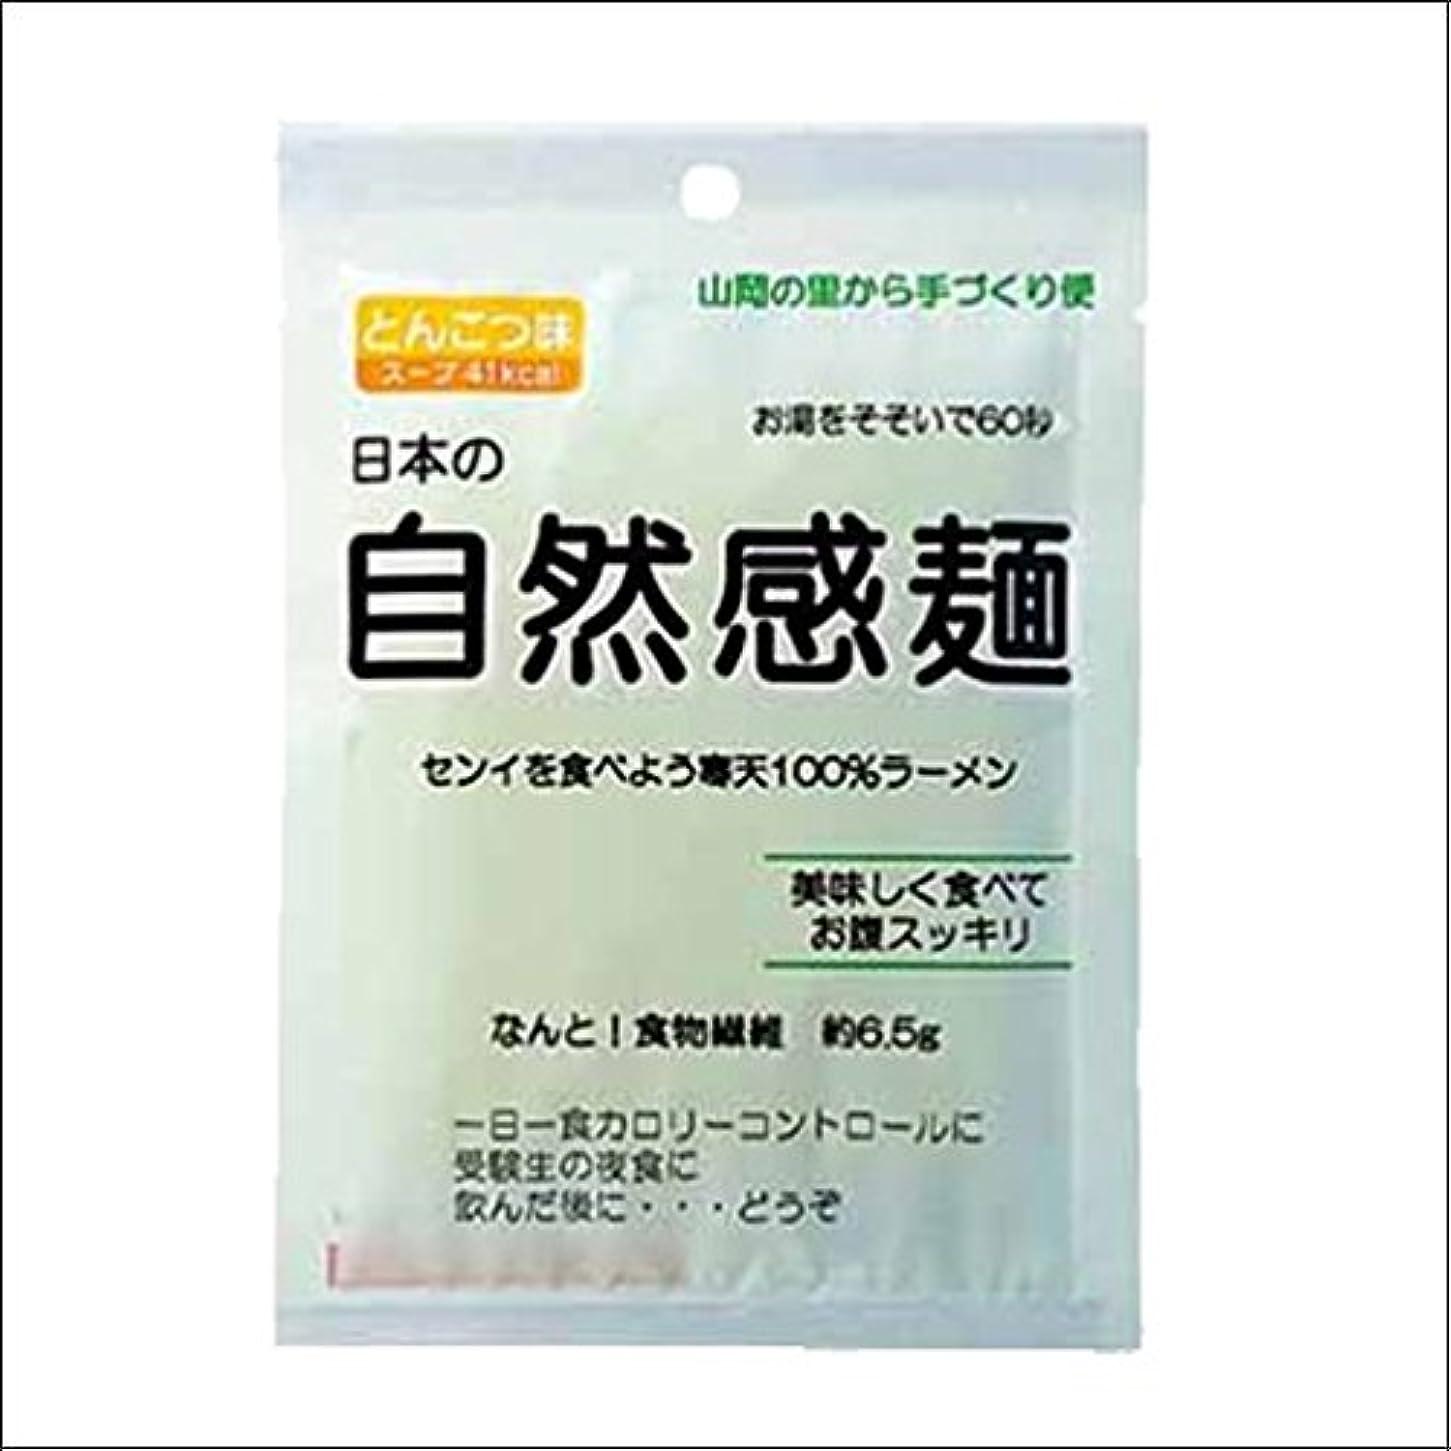 癒す時計回り戦闘【ダイエットラーメン】 日本の自然感麺(寒天ラーメン) とんこつ味 1袋